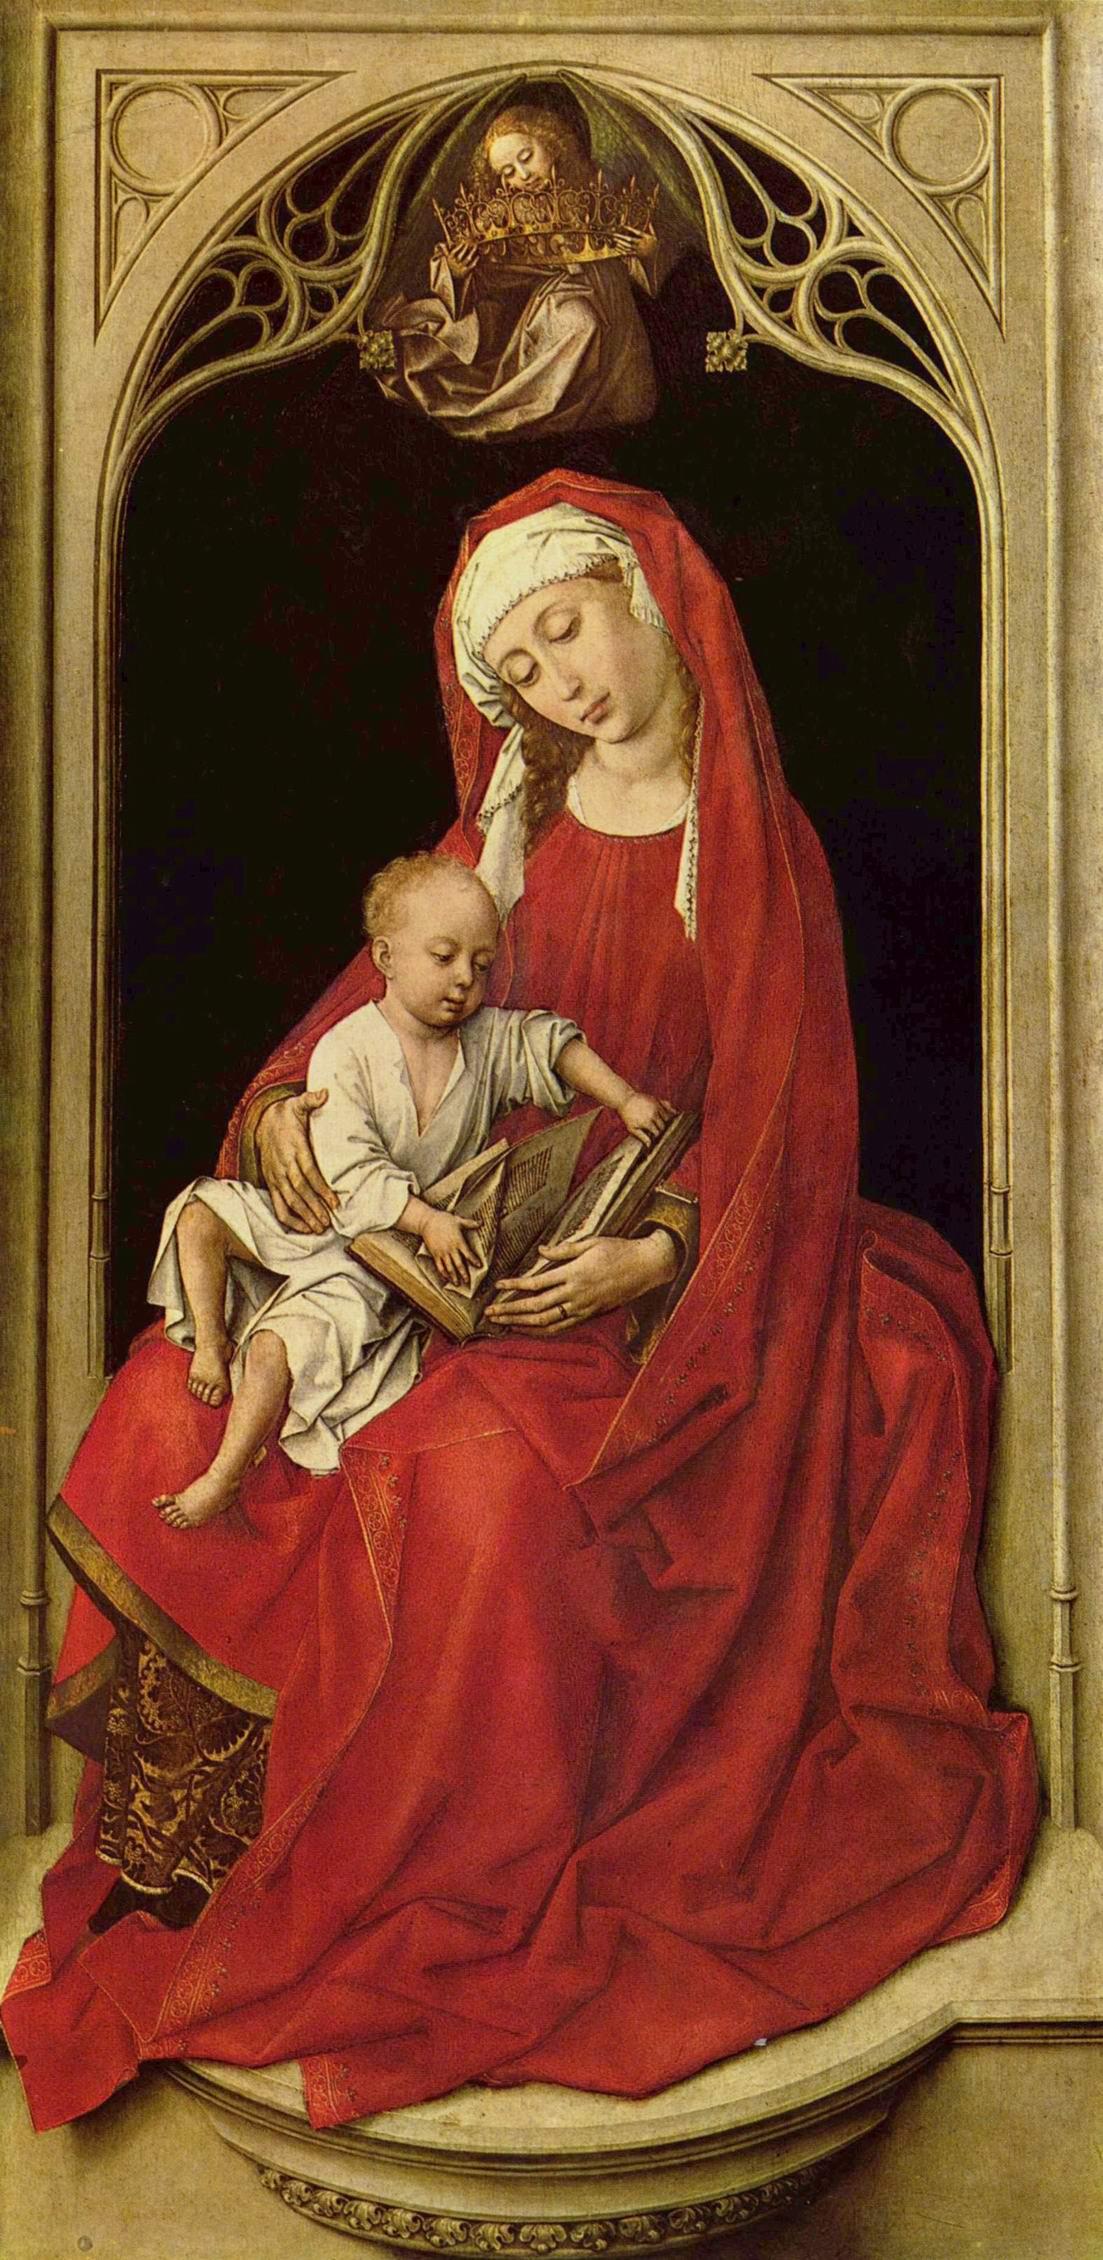 Мария с младенцем, Рогир ван дер Вейден